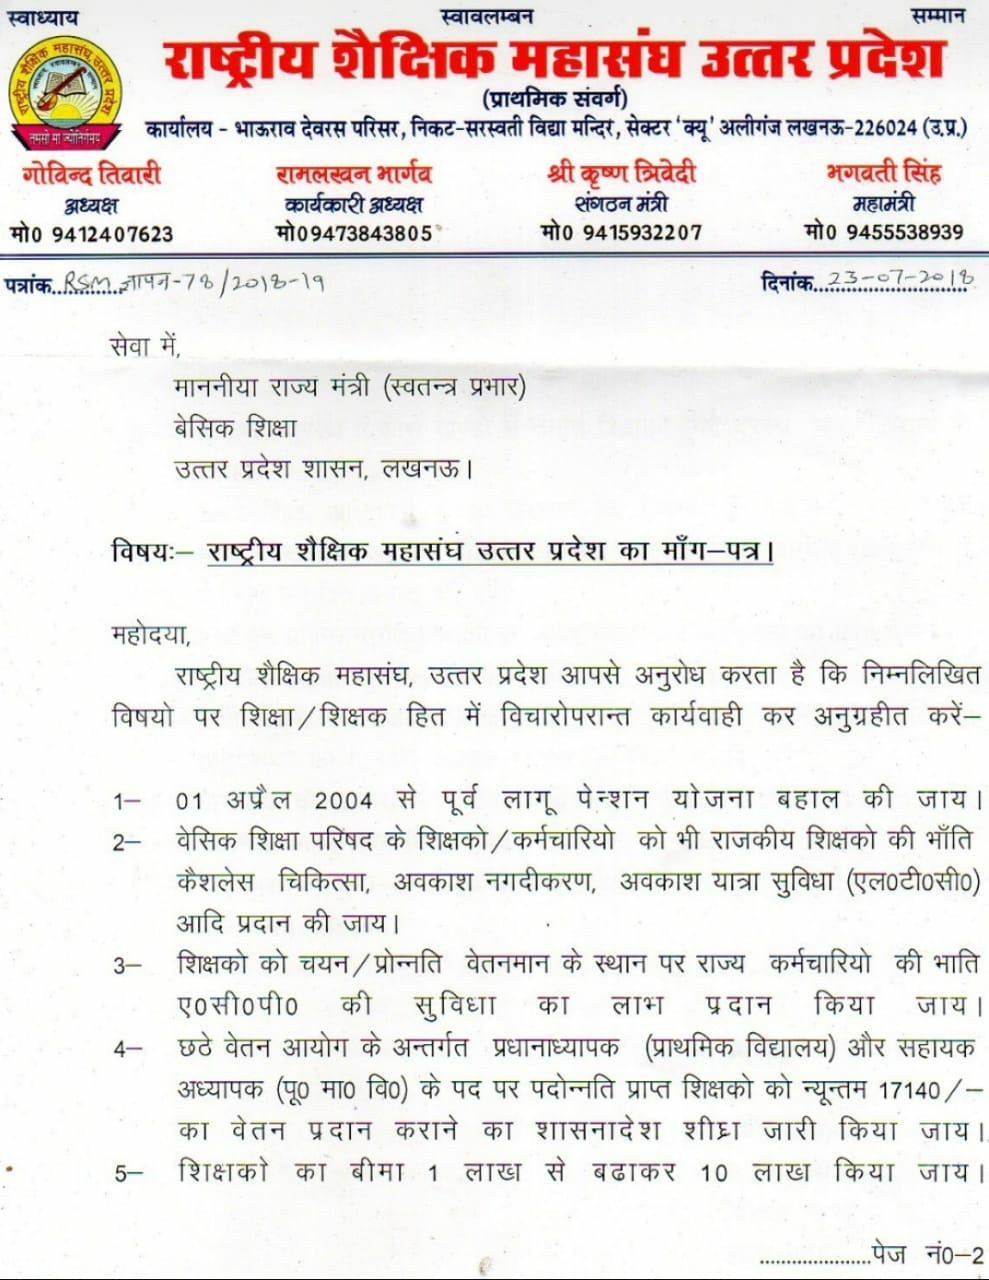 शिक्षा/शिक्षक हित में विचार करने हेतु राष्ट्रीय शैक्षिक महासंघ उ0प्र0 की प्रदेश टीम ने मा0 अनुपमा जायसवाल जी -बेसिक शिक्षा राज्यमंत्री (स्वतंत्र प्रभार) को 13 सूत्रीय मांग पत्र सौंपा